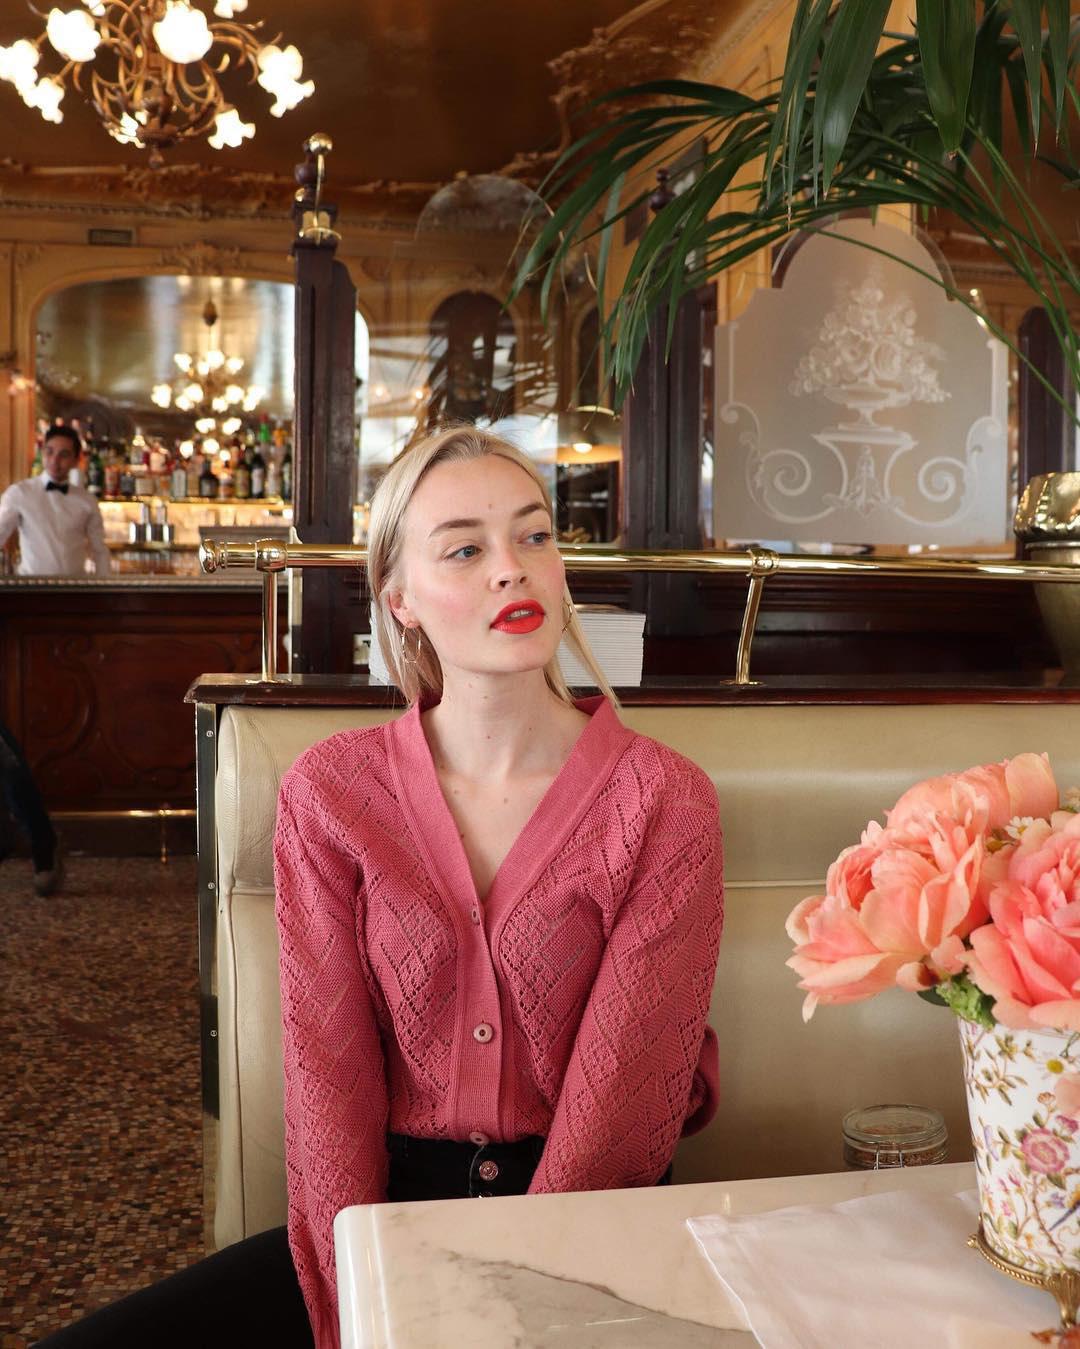 Không thể kìm lòng trước 5 cách diện áo len đẹp xỉu của phụ nữ Pháp, bạn sẽ muốn áp dụng bằng hết mới được - Ảnh 3